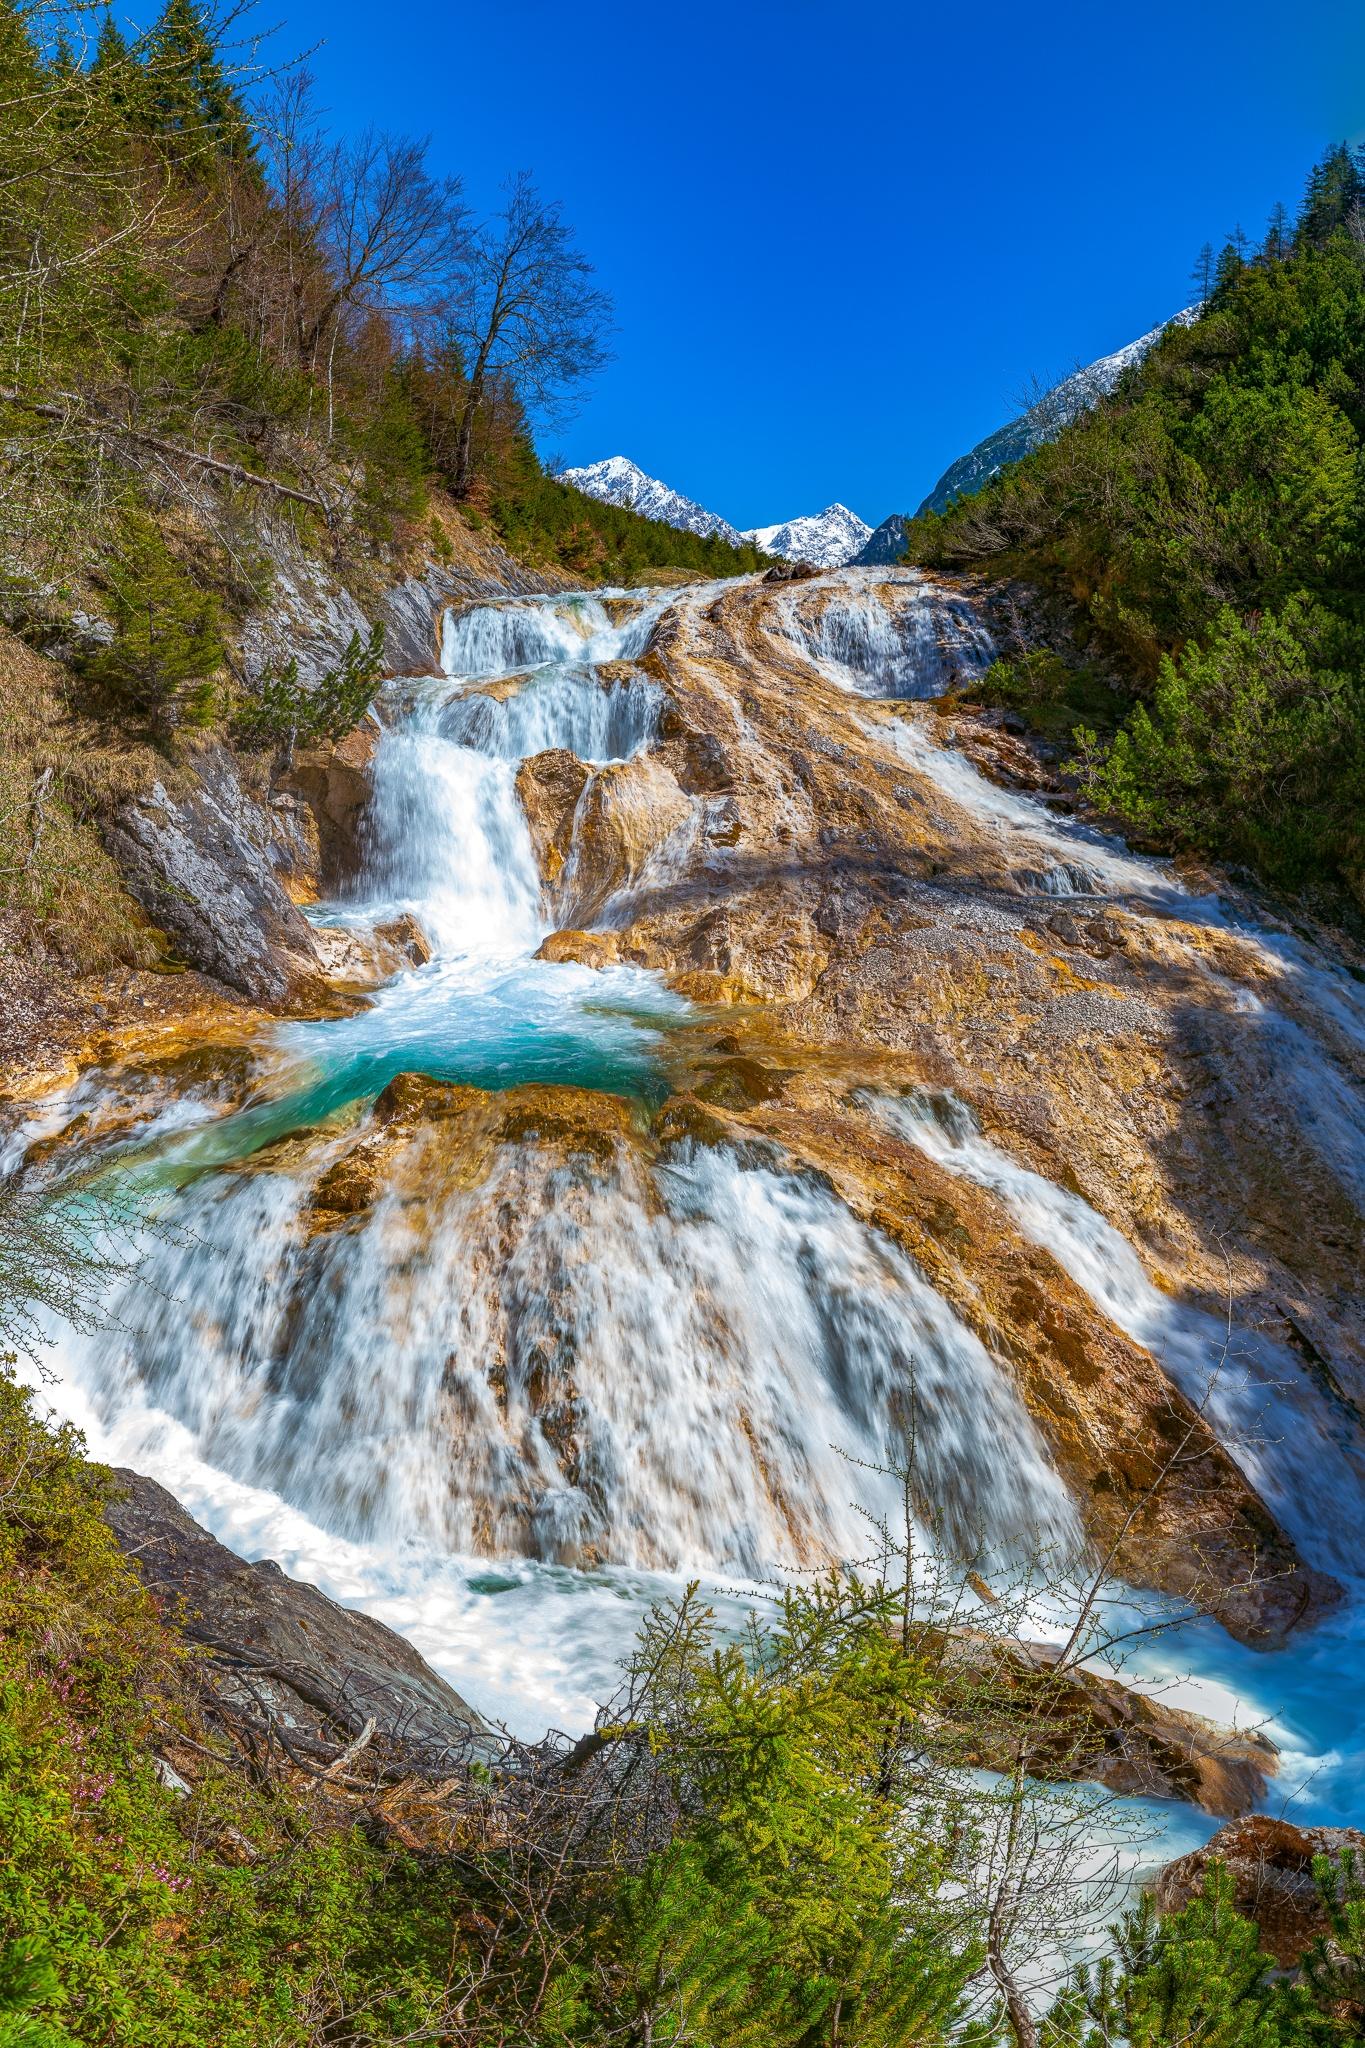 Karwendelbach, Wasserfall, Karwendelgebirge